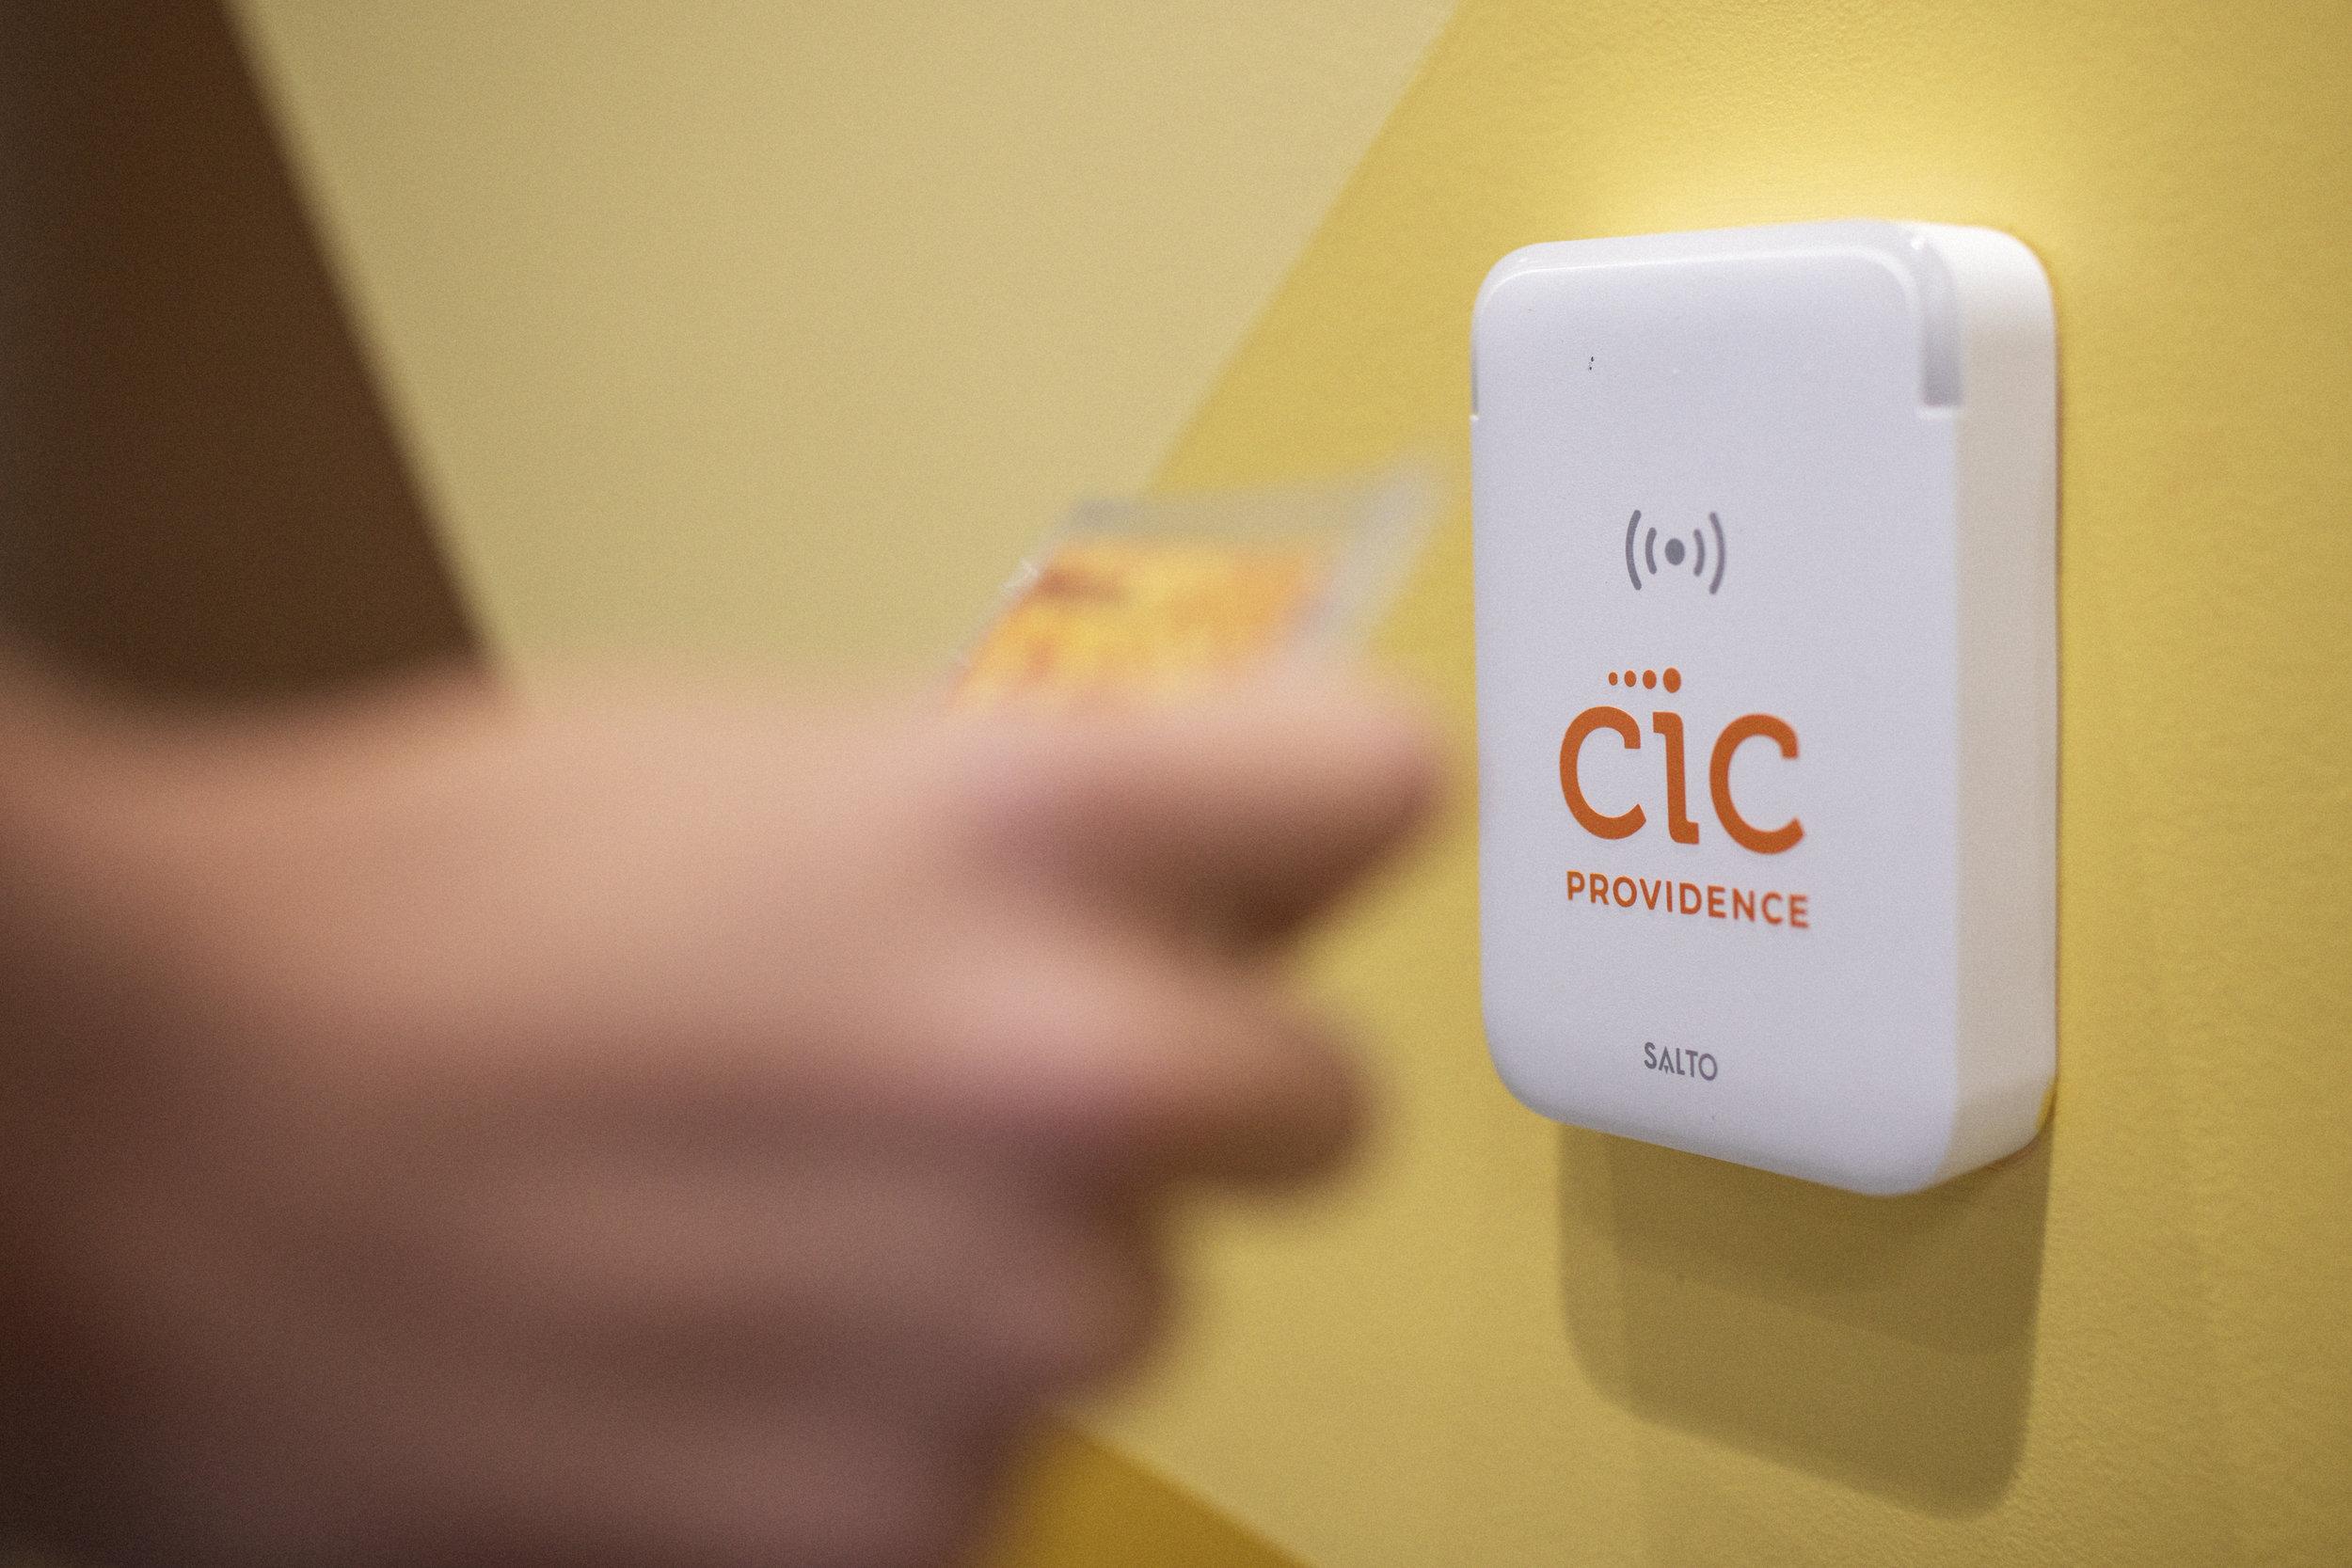 CIC Passport